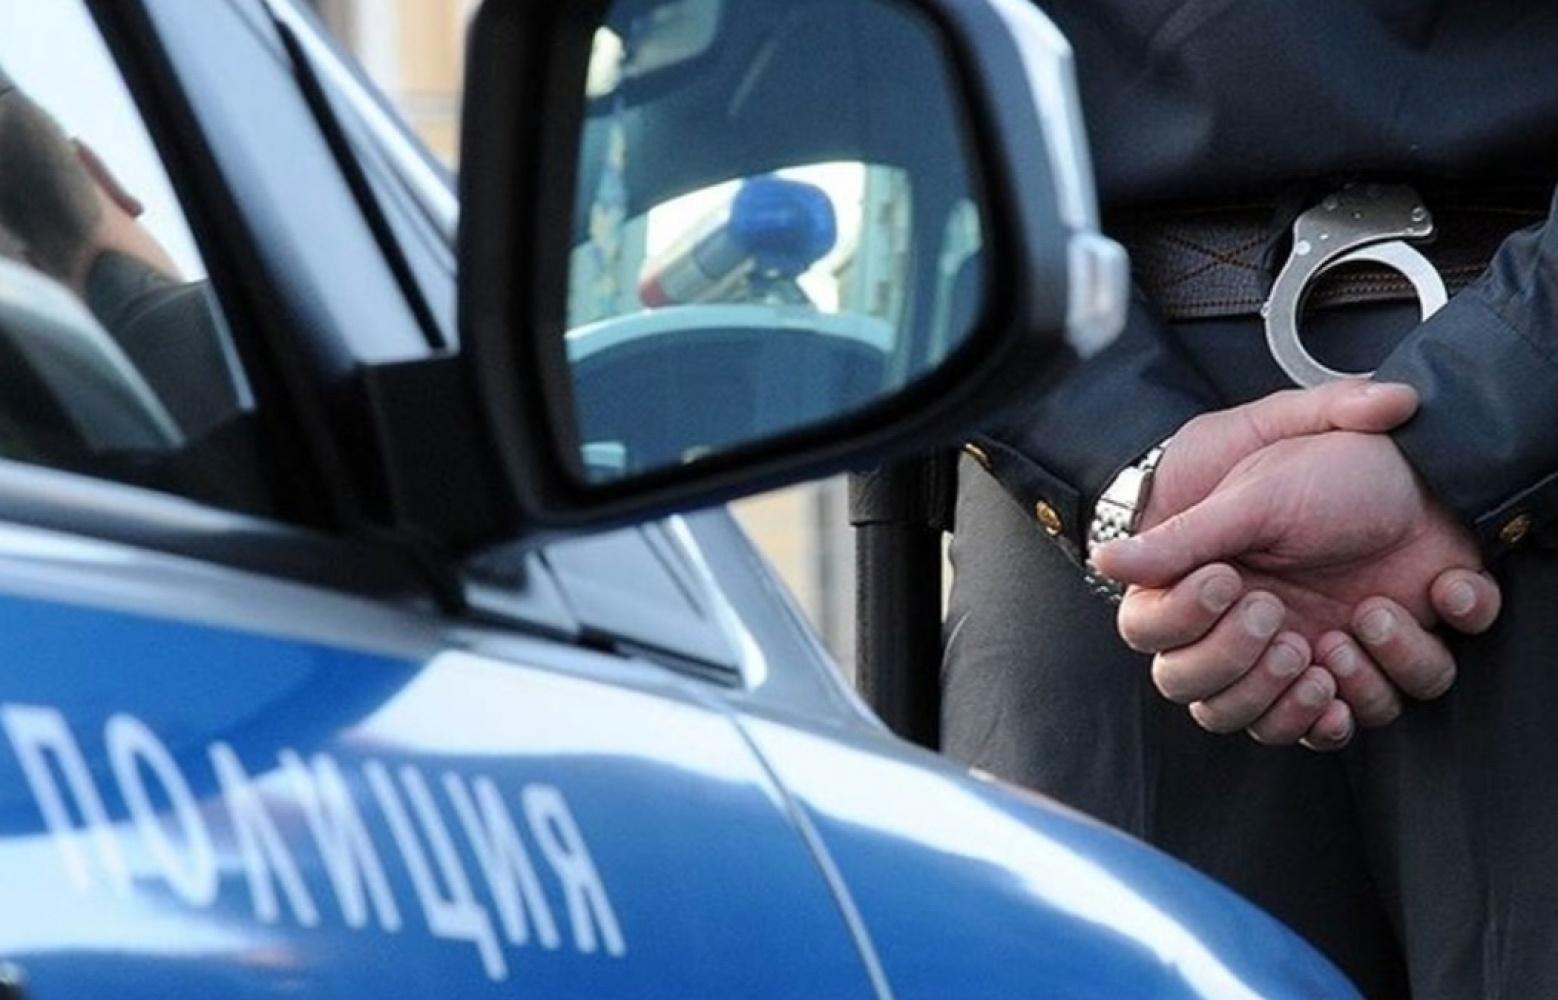 В Западной Двине раскрыли кражу из автомобиля